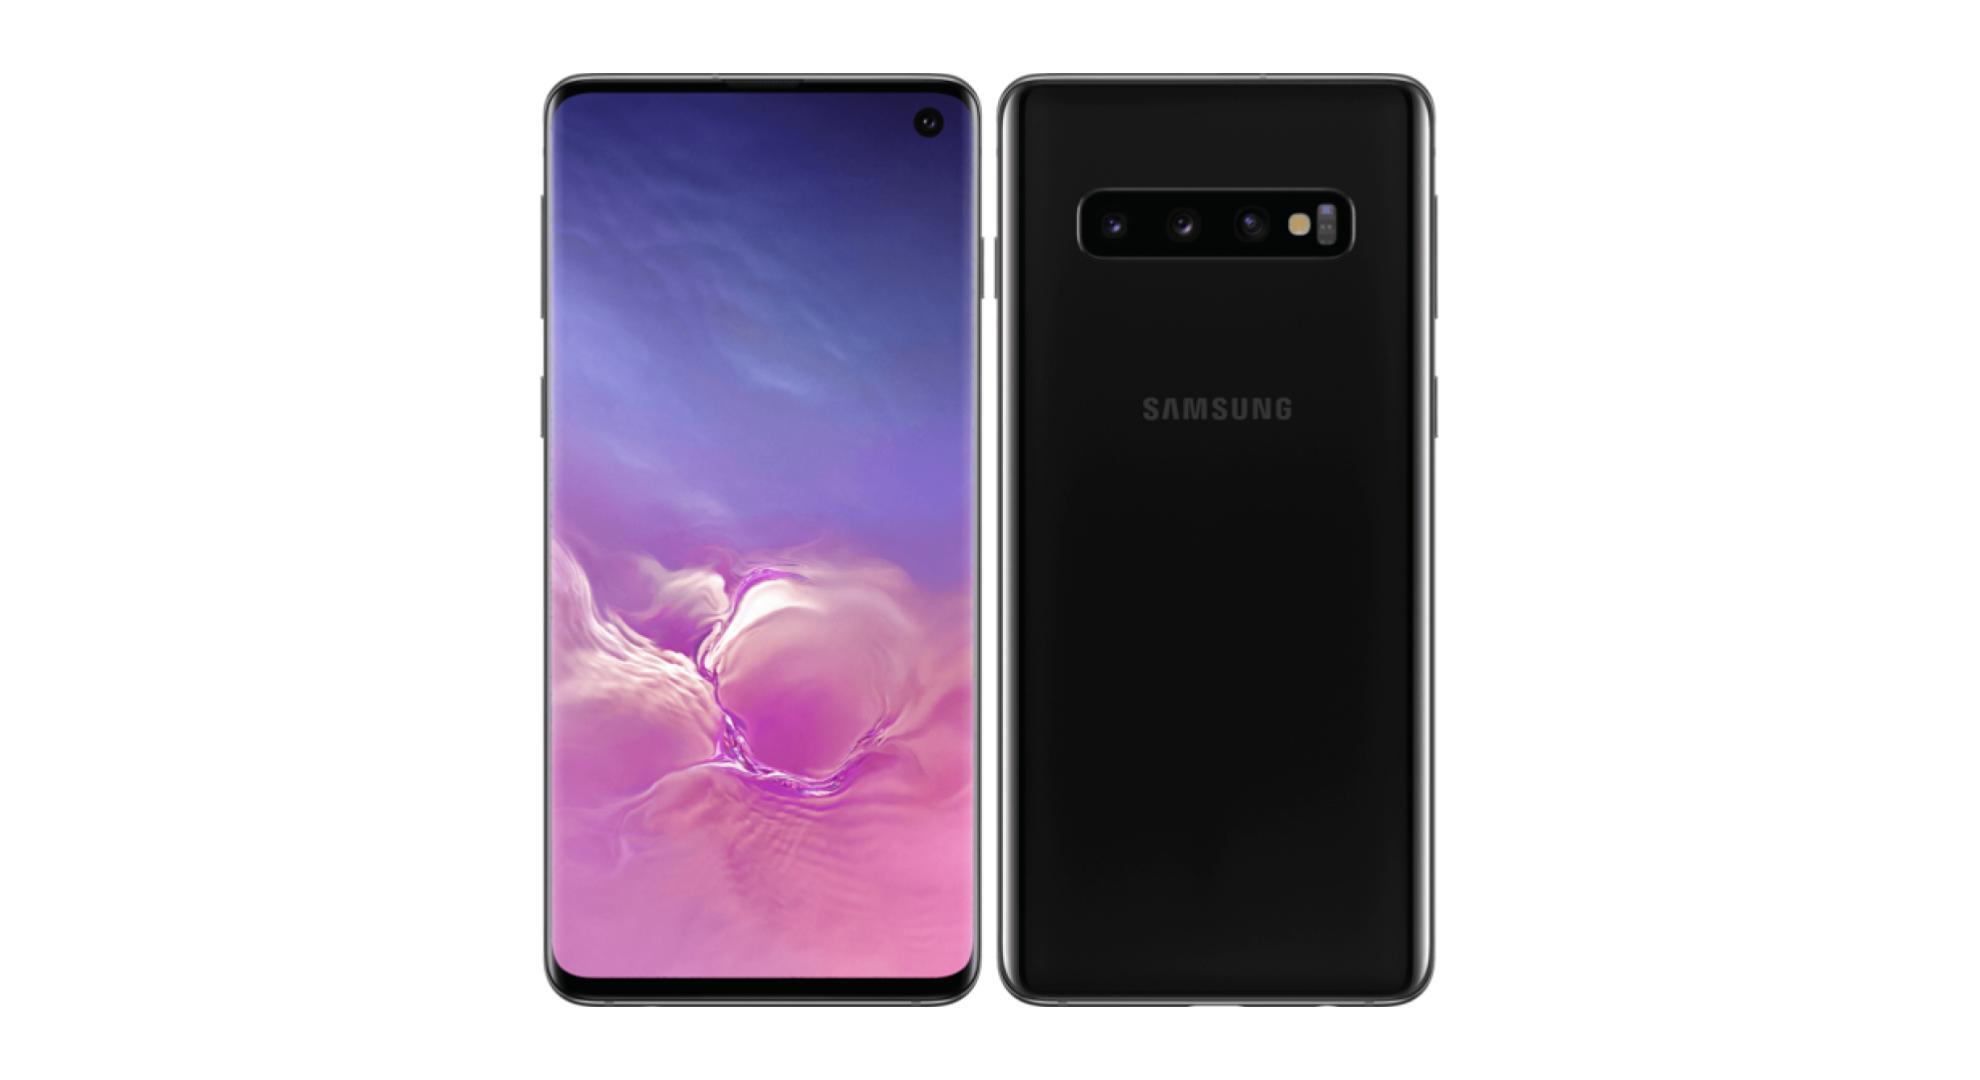 Baisse de prix : la version 128 Go du Samsung Galaxy S10 passe à 599 euros